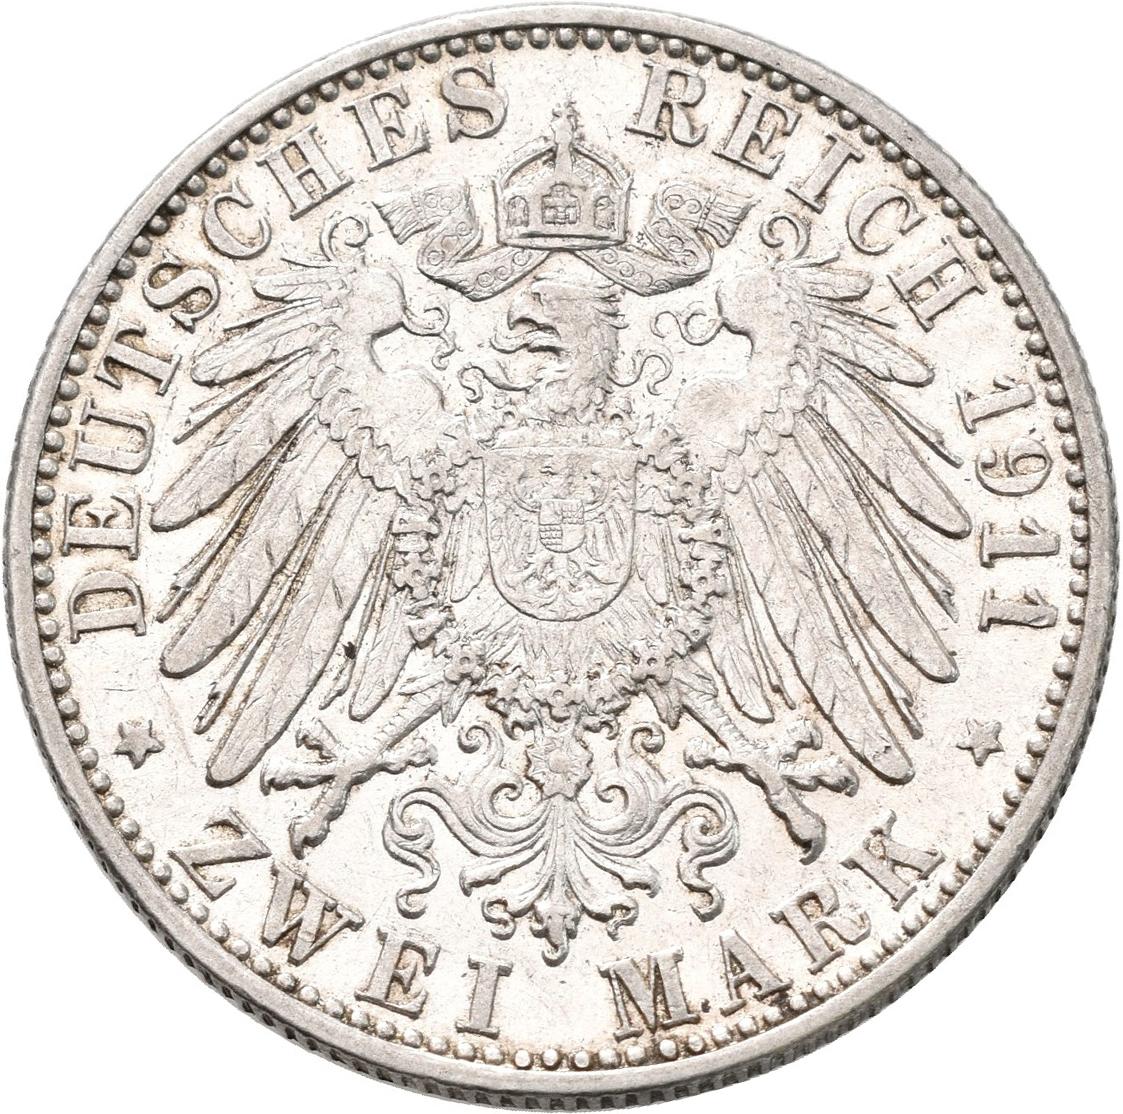 Lot 02224 - Baden | Umlaufmünzen 2 Mark bis 5 Mark - Deutsches Kaiserreich  -  Auktionshaus Christoph Gärtner GmbH & Co. KG Sale #48 The Coins & The Picture Post Cards